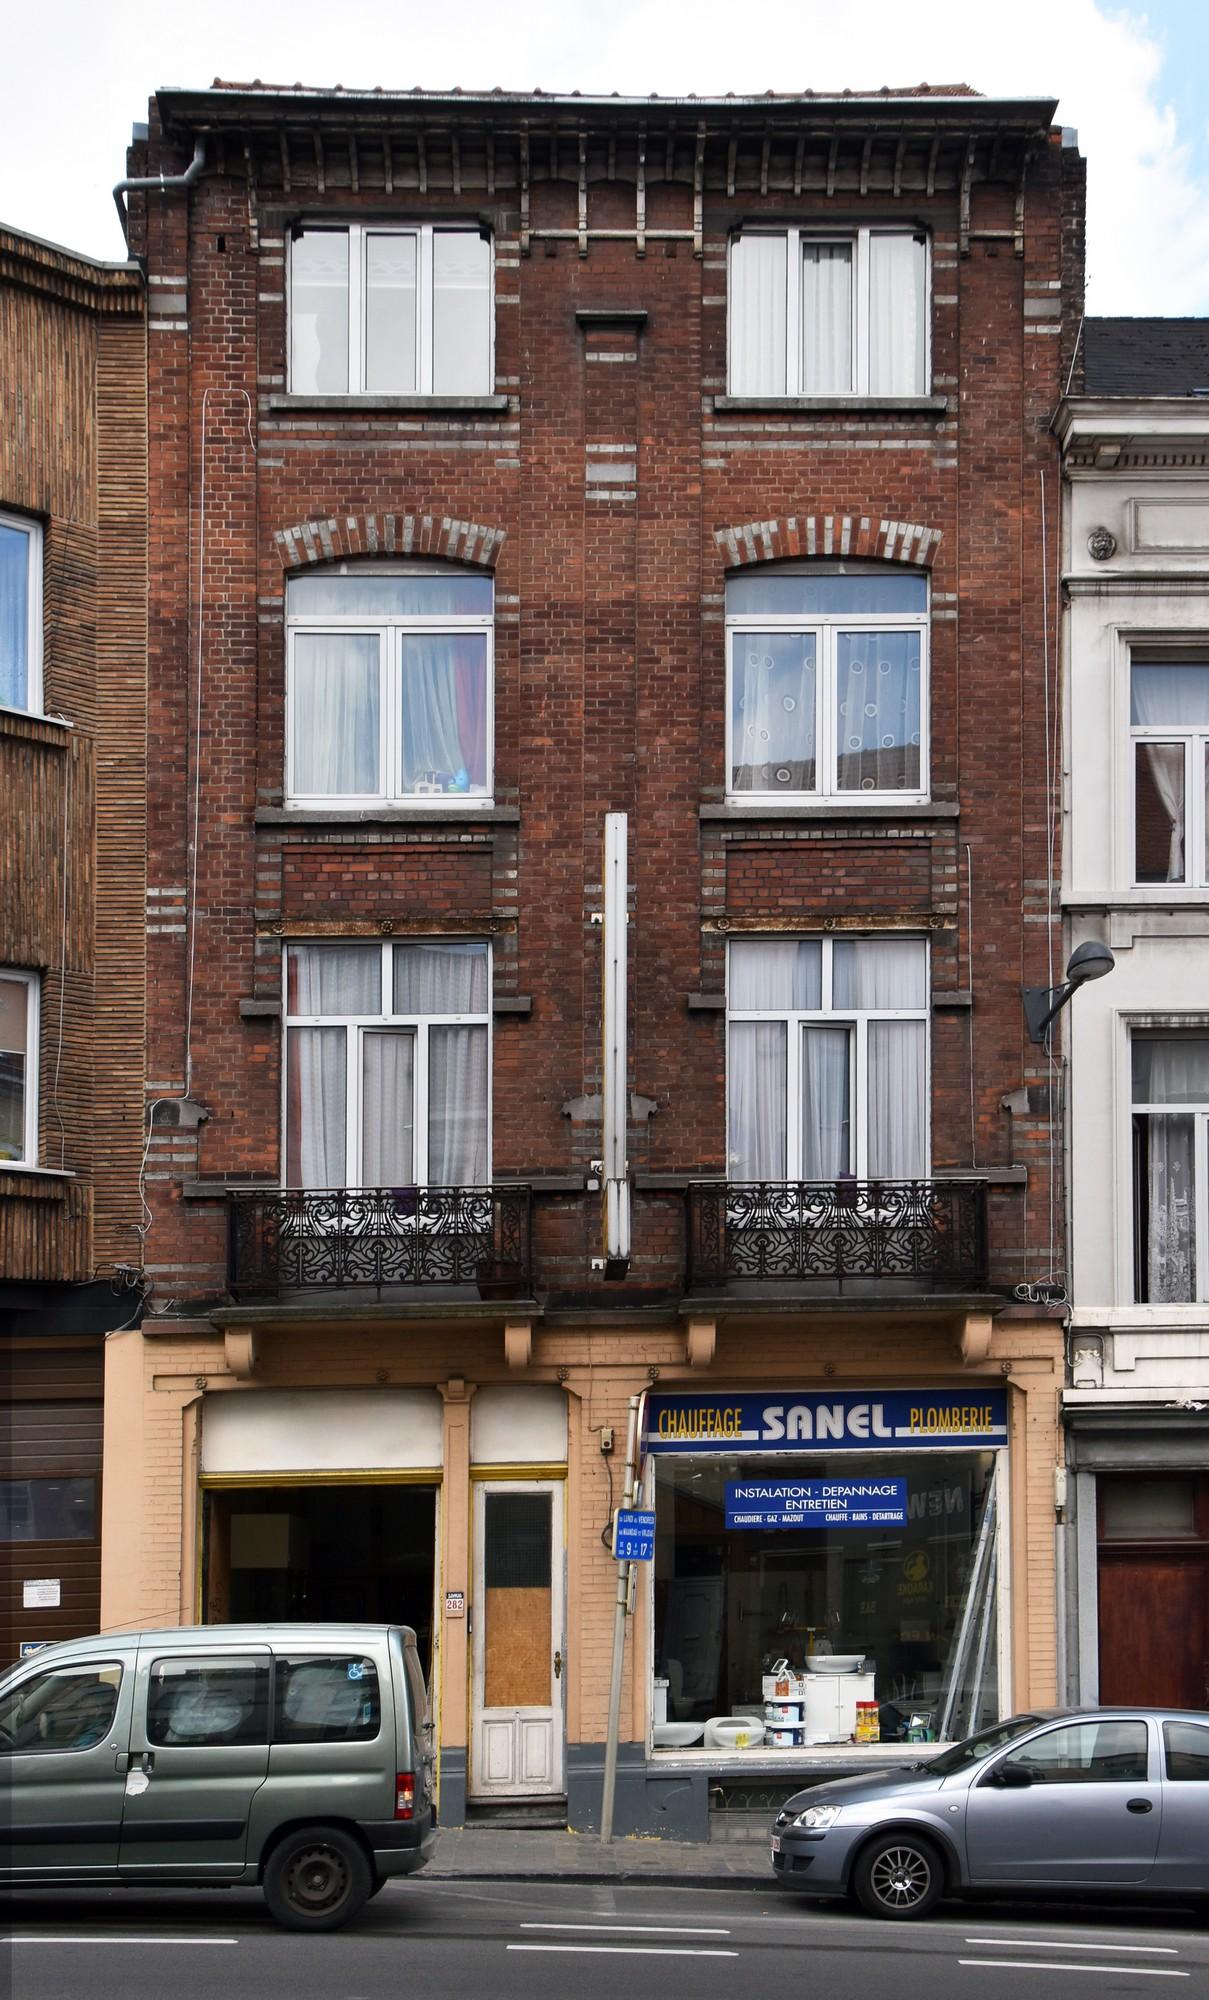 Chauss e de louvain 282 284 bruxelles extension est - Garage chaussee de bruxelles dampremy ...